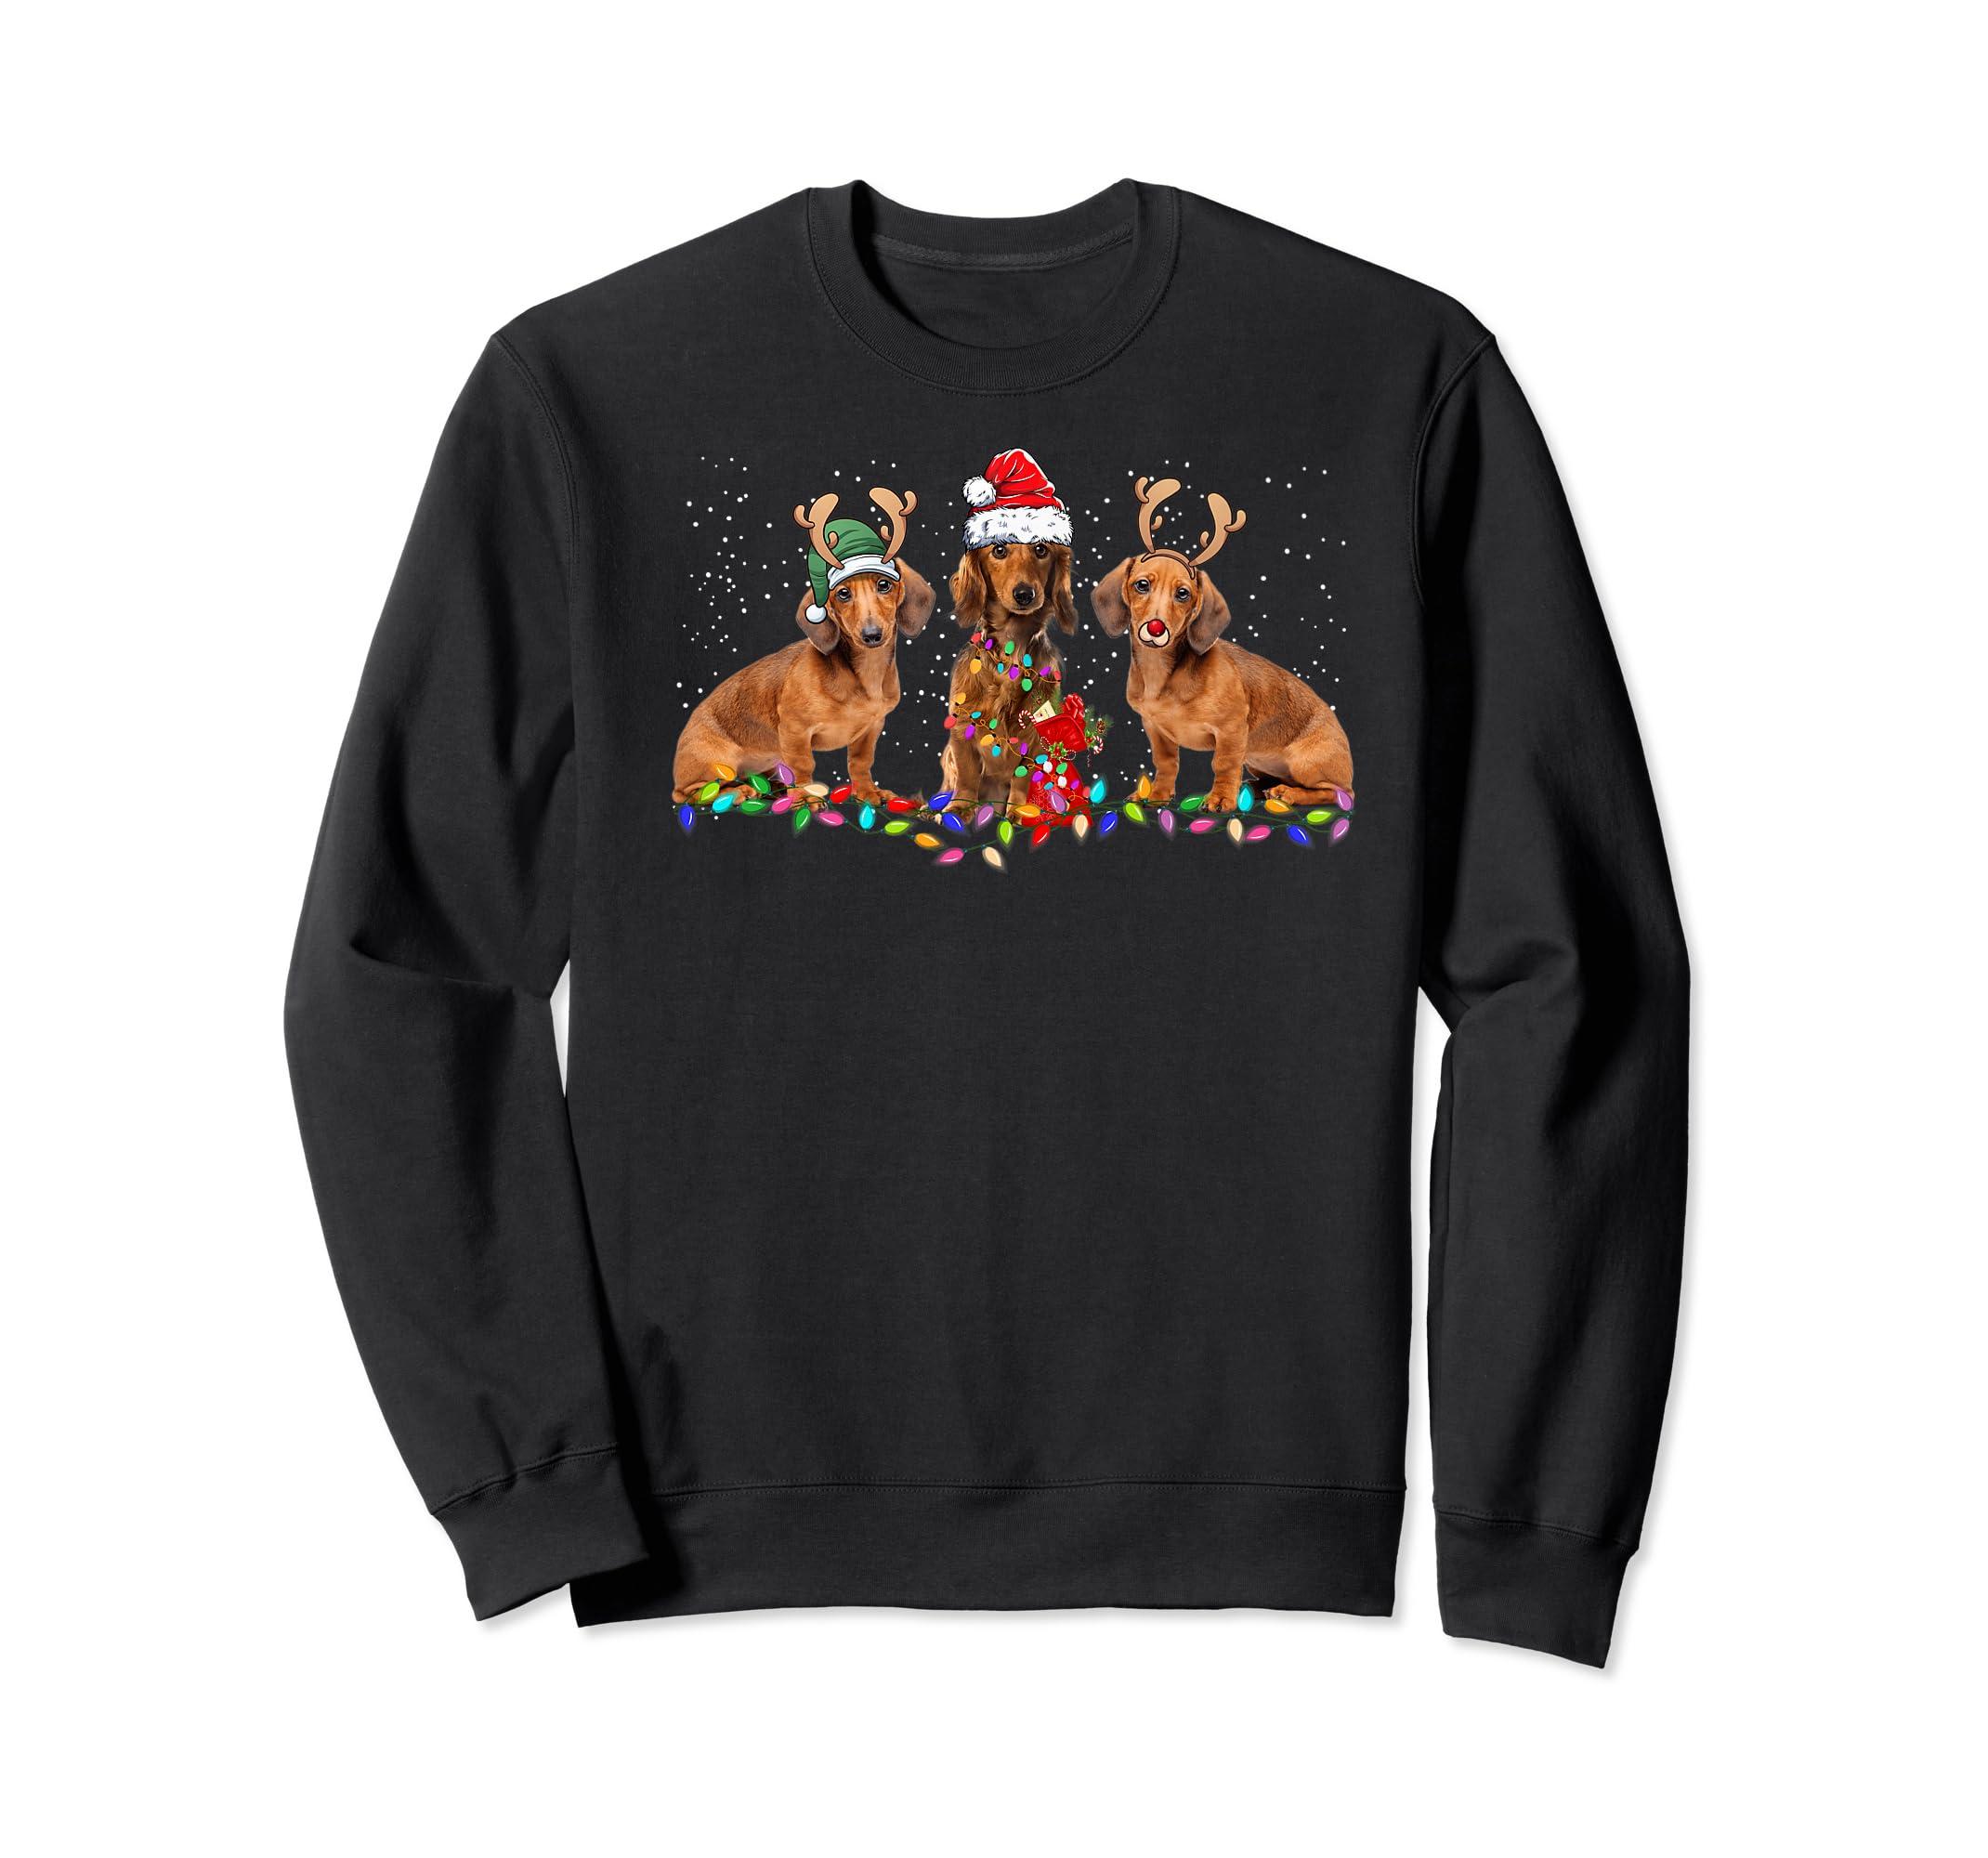 Three Dachshund Dogs Christmas Santa Hat Lights Xmas Gift Premium T-Shirt-Sweatshirt-Black